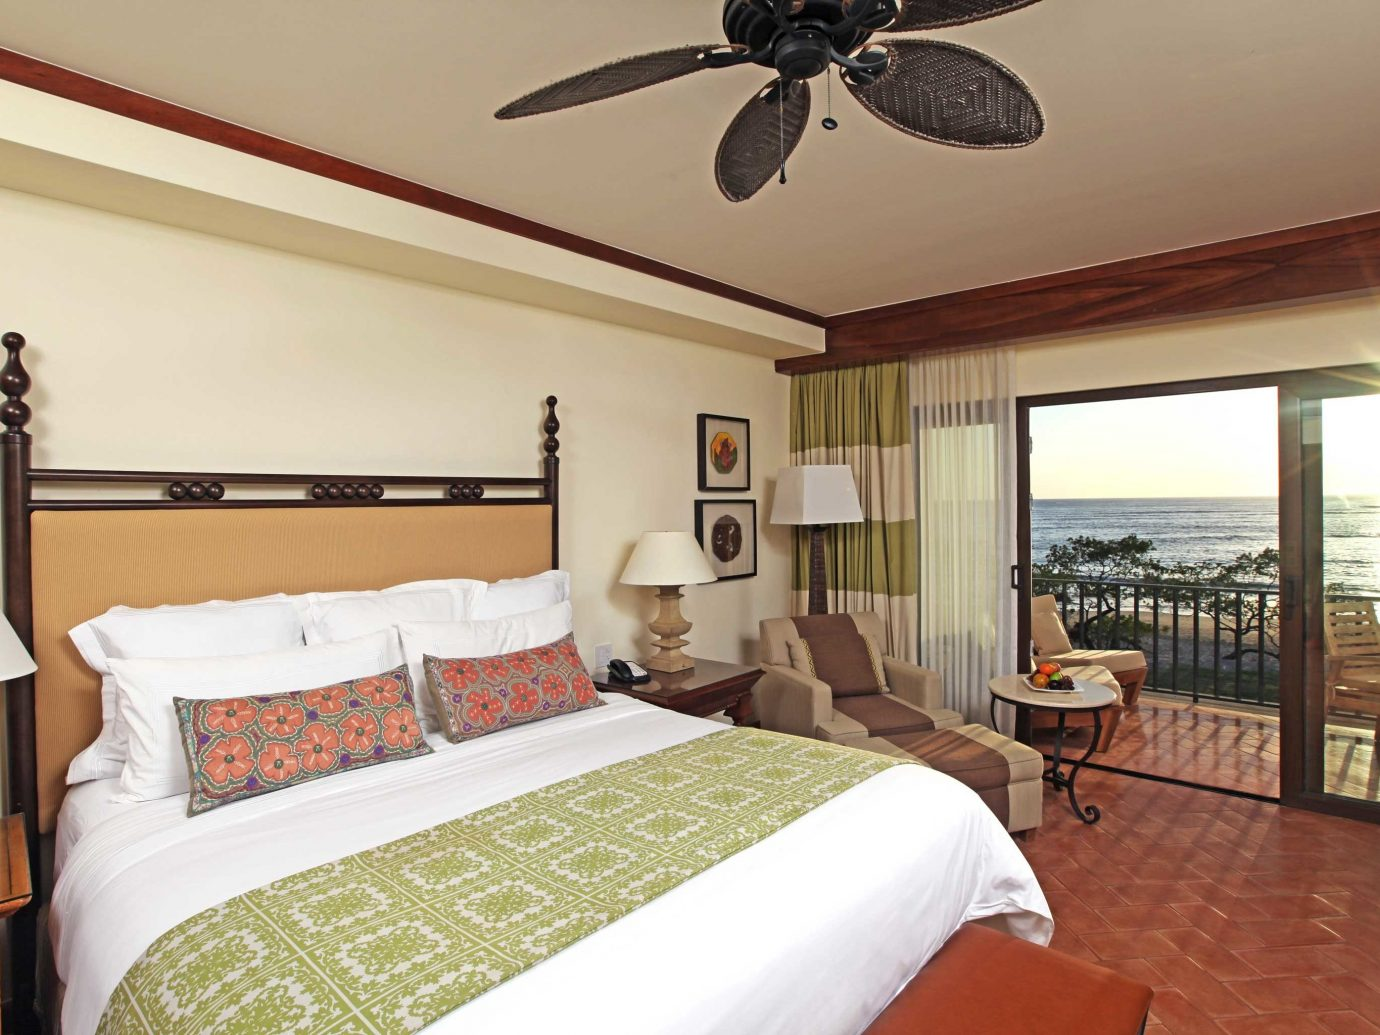 Bedroom at JW Marriott Guanacaste in Costa Rica